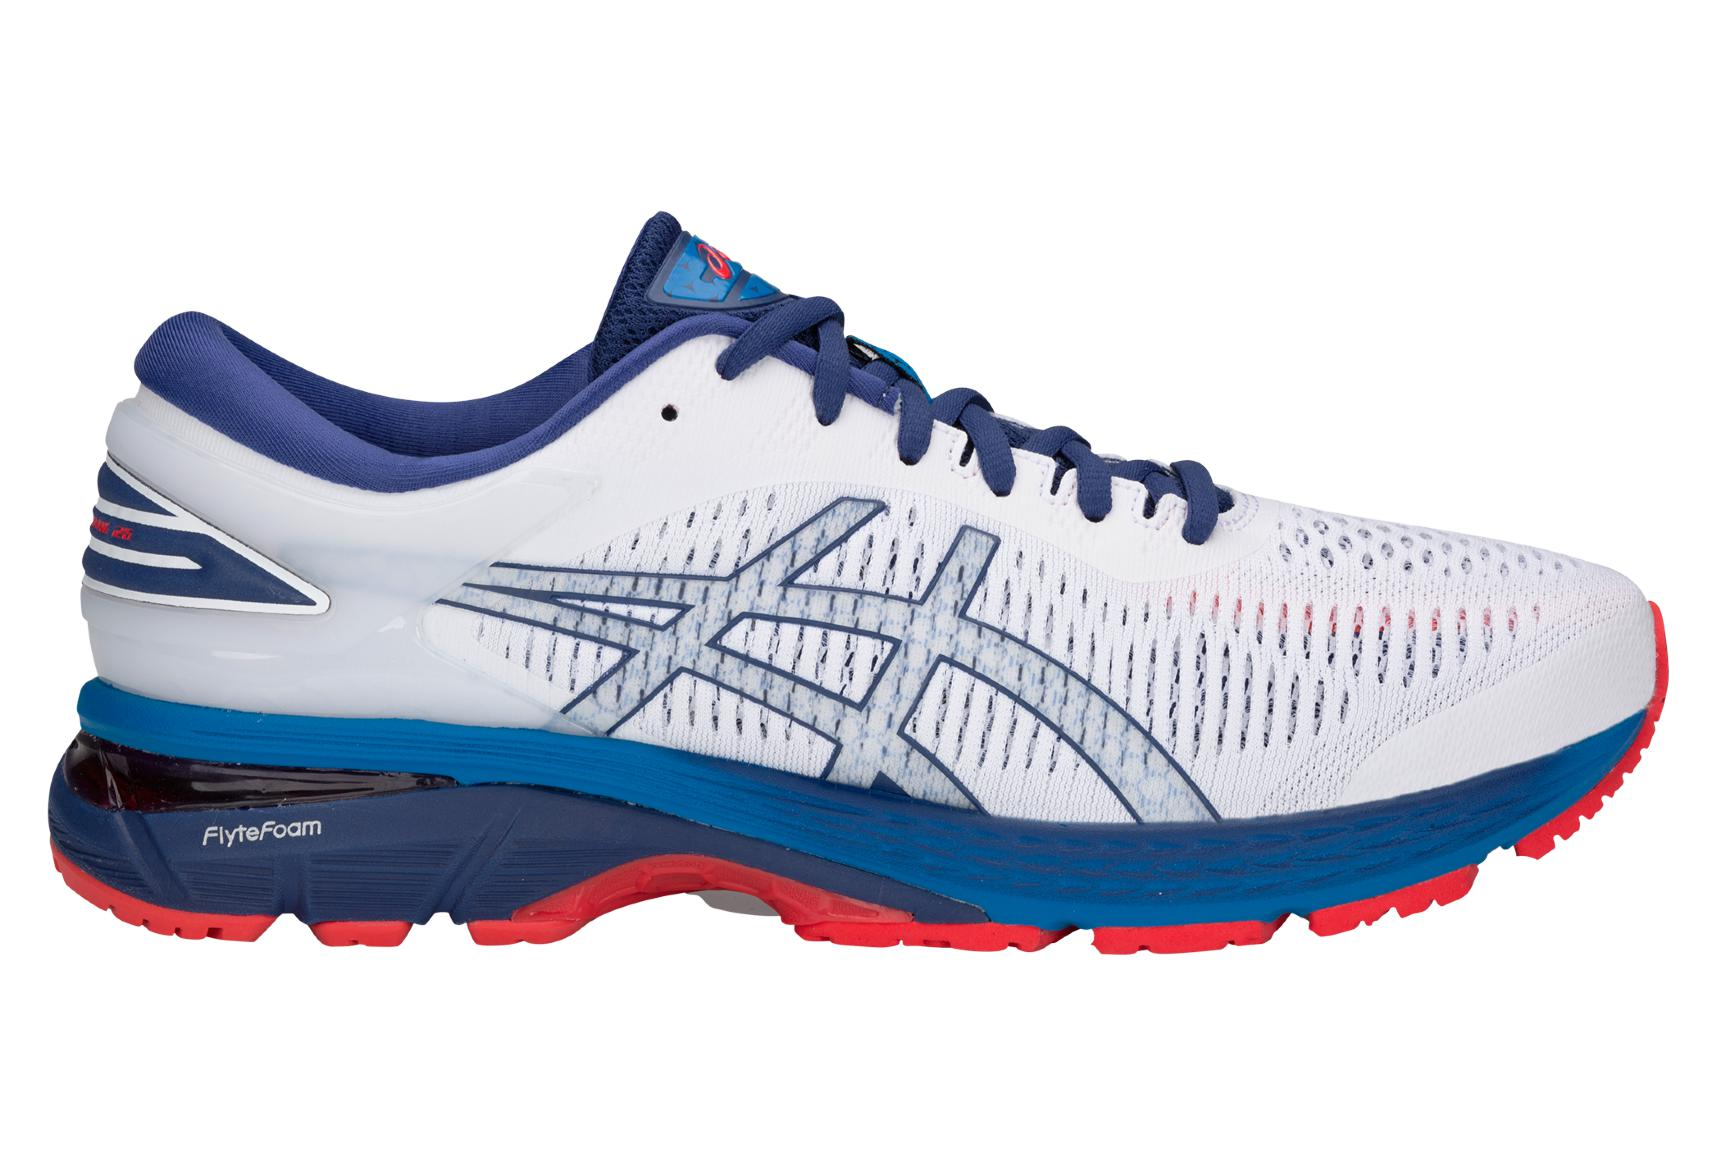 Scarpe da Running Asics Gel-Kayano 25 Bianco Blu  0e4bb134c70